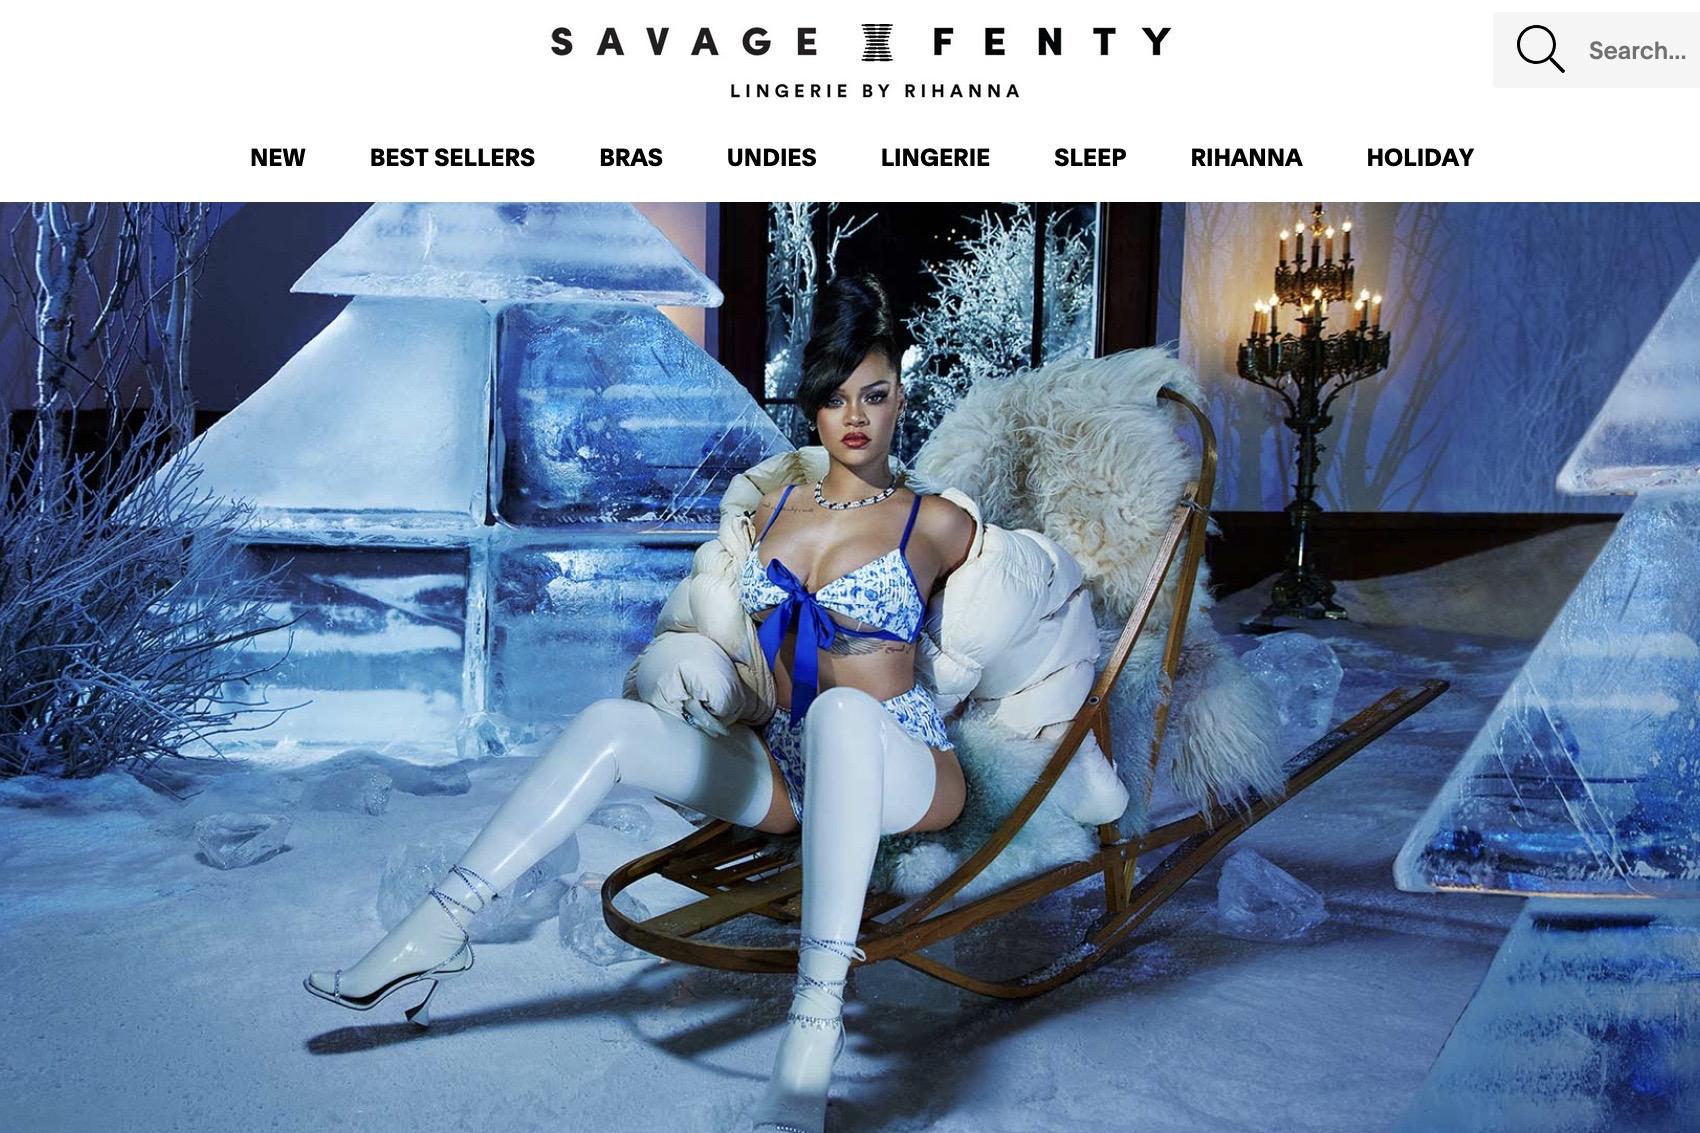 蕾哈娜的内衣品牌 Savage x Fenty 计划融资1亿美元,估值或达10亿美元